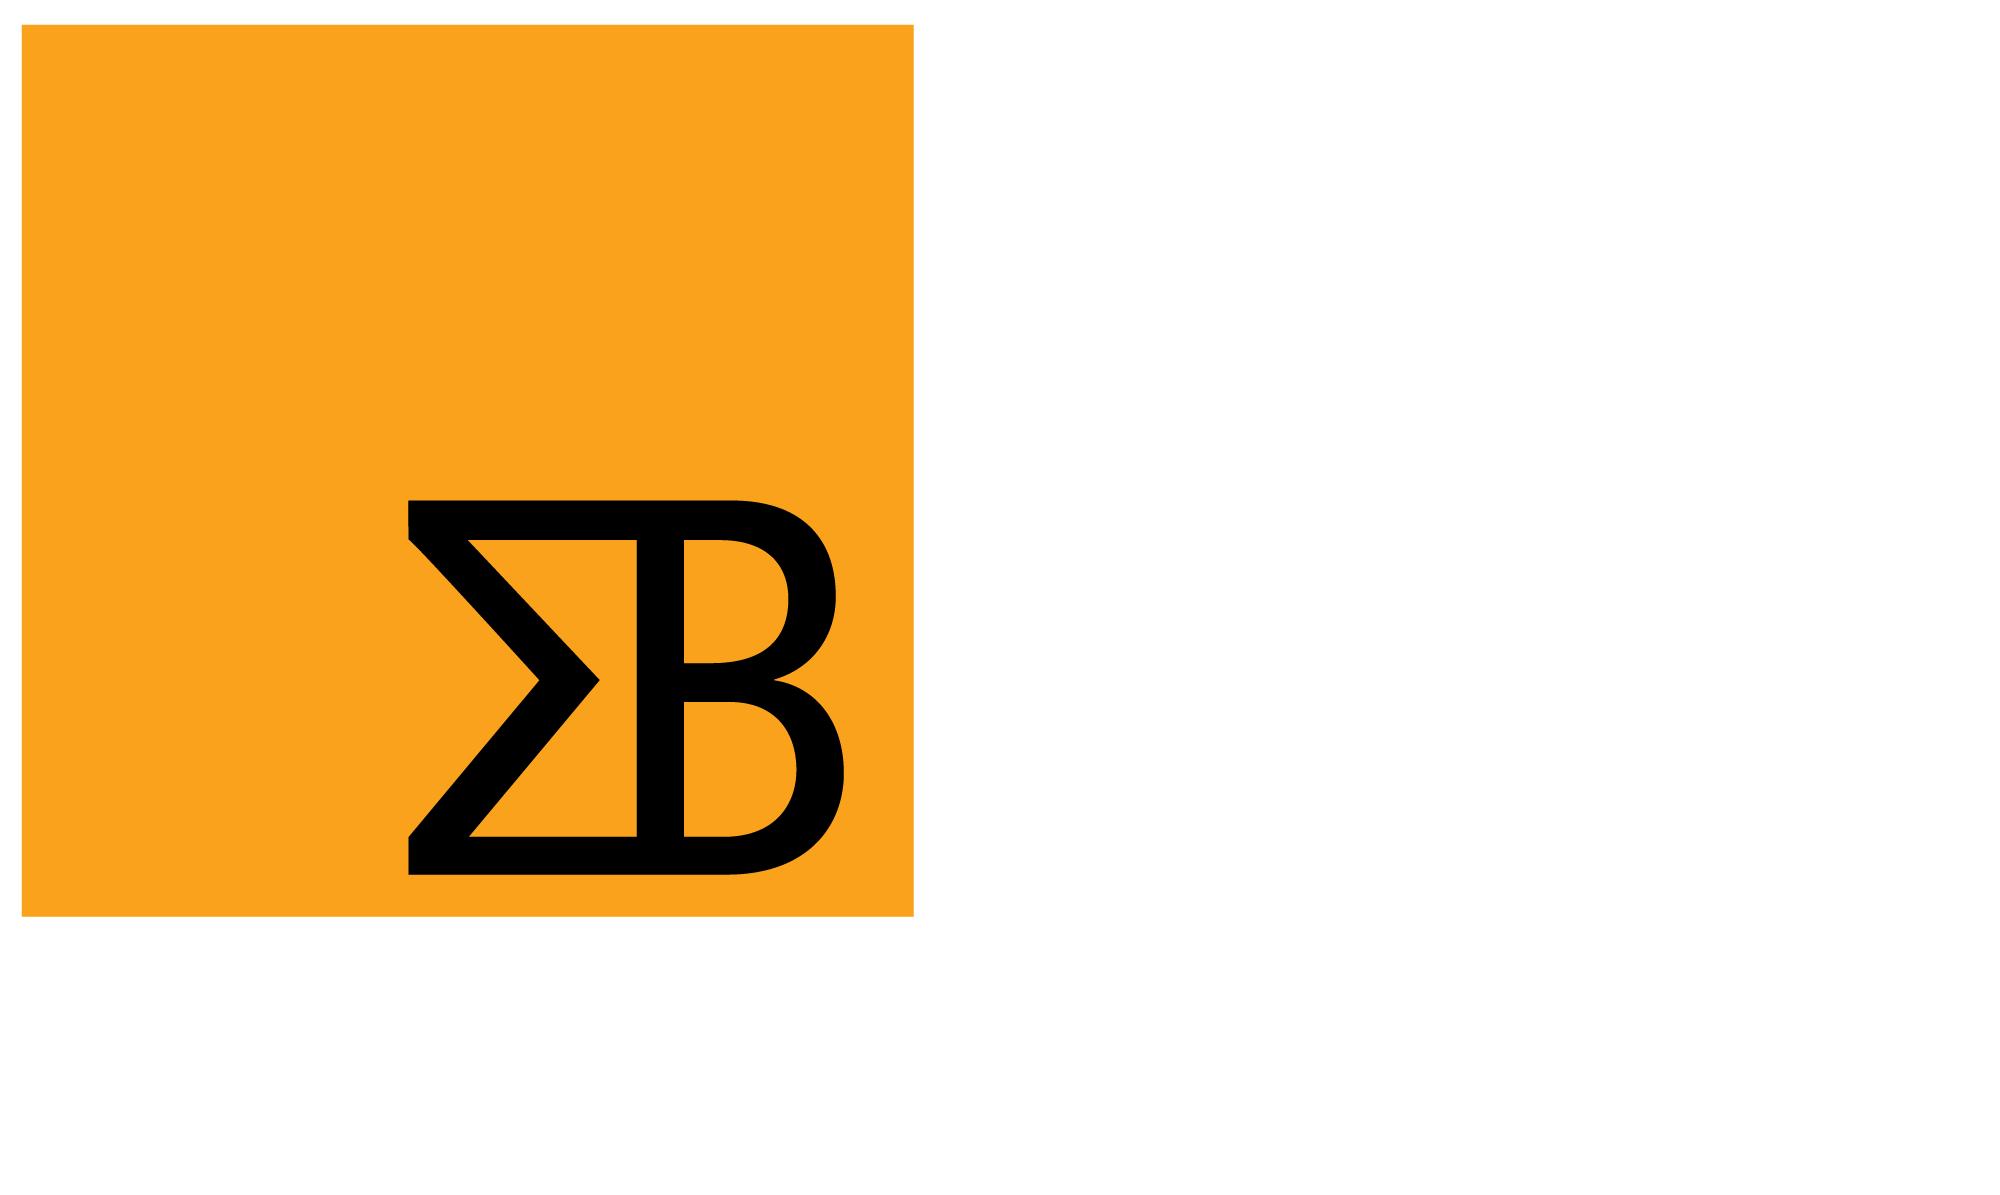 Sigma Bravo